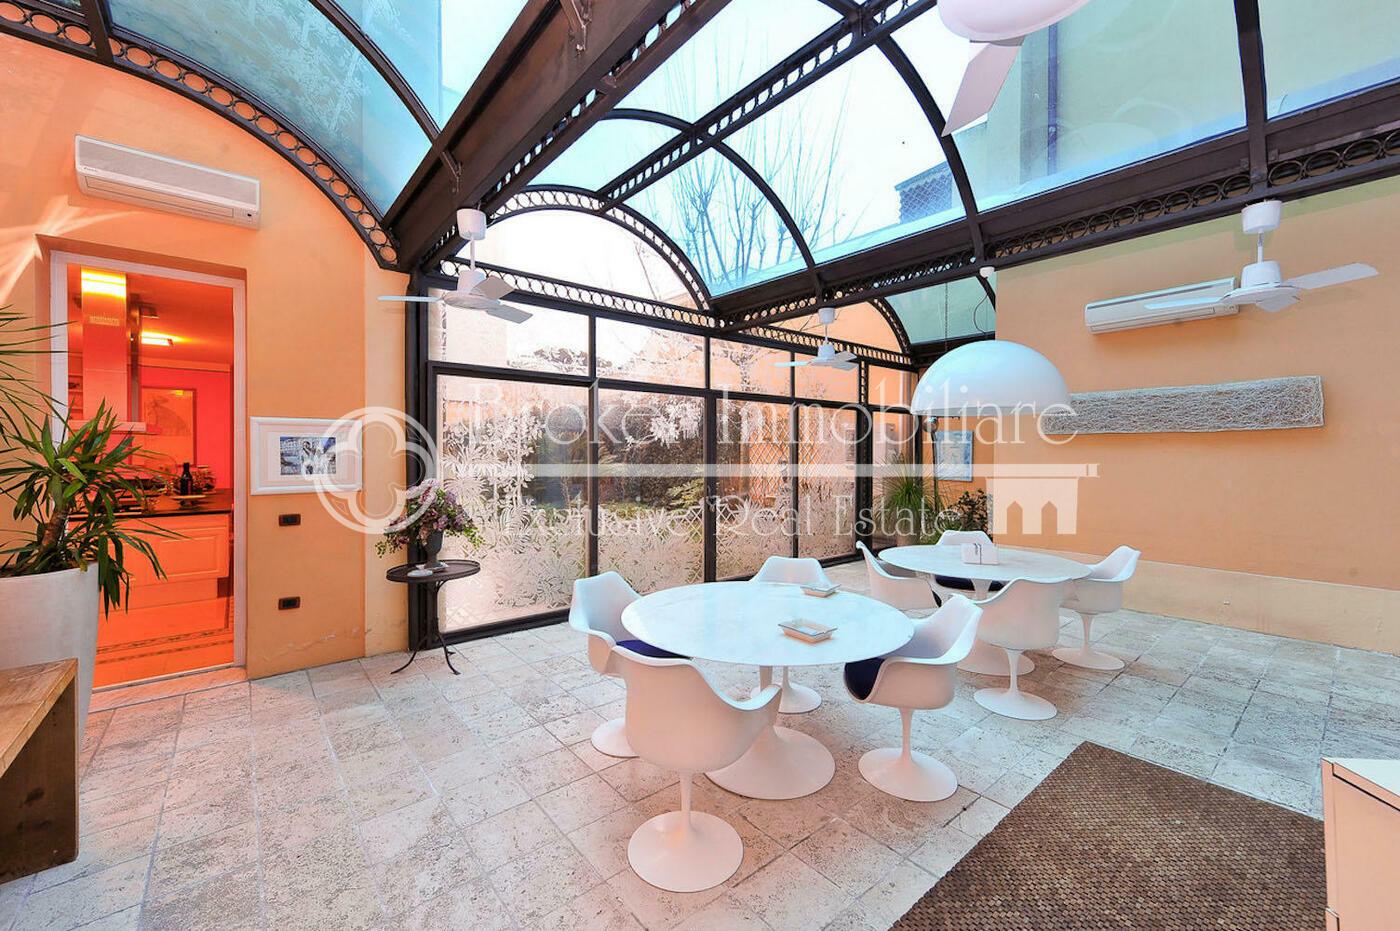 Villa in vendita a Viareggio fronte mare con giardino interno